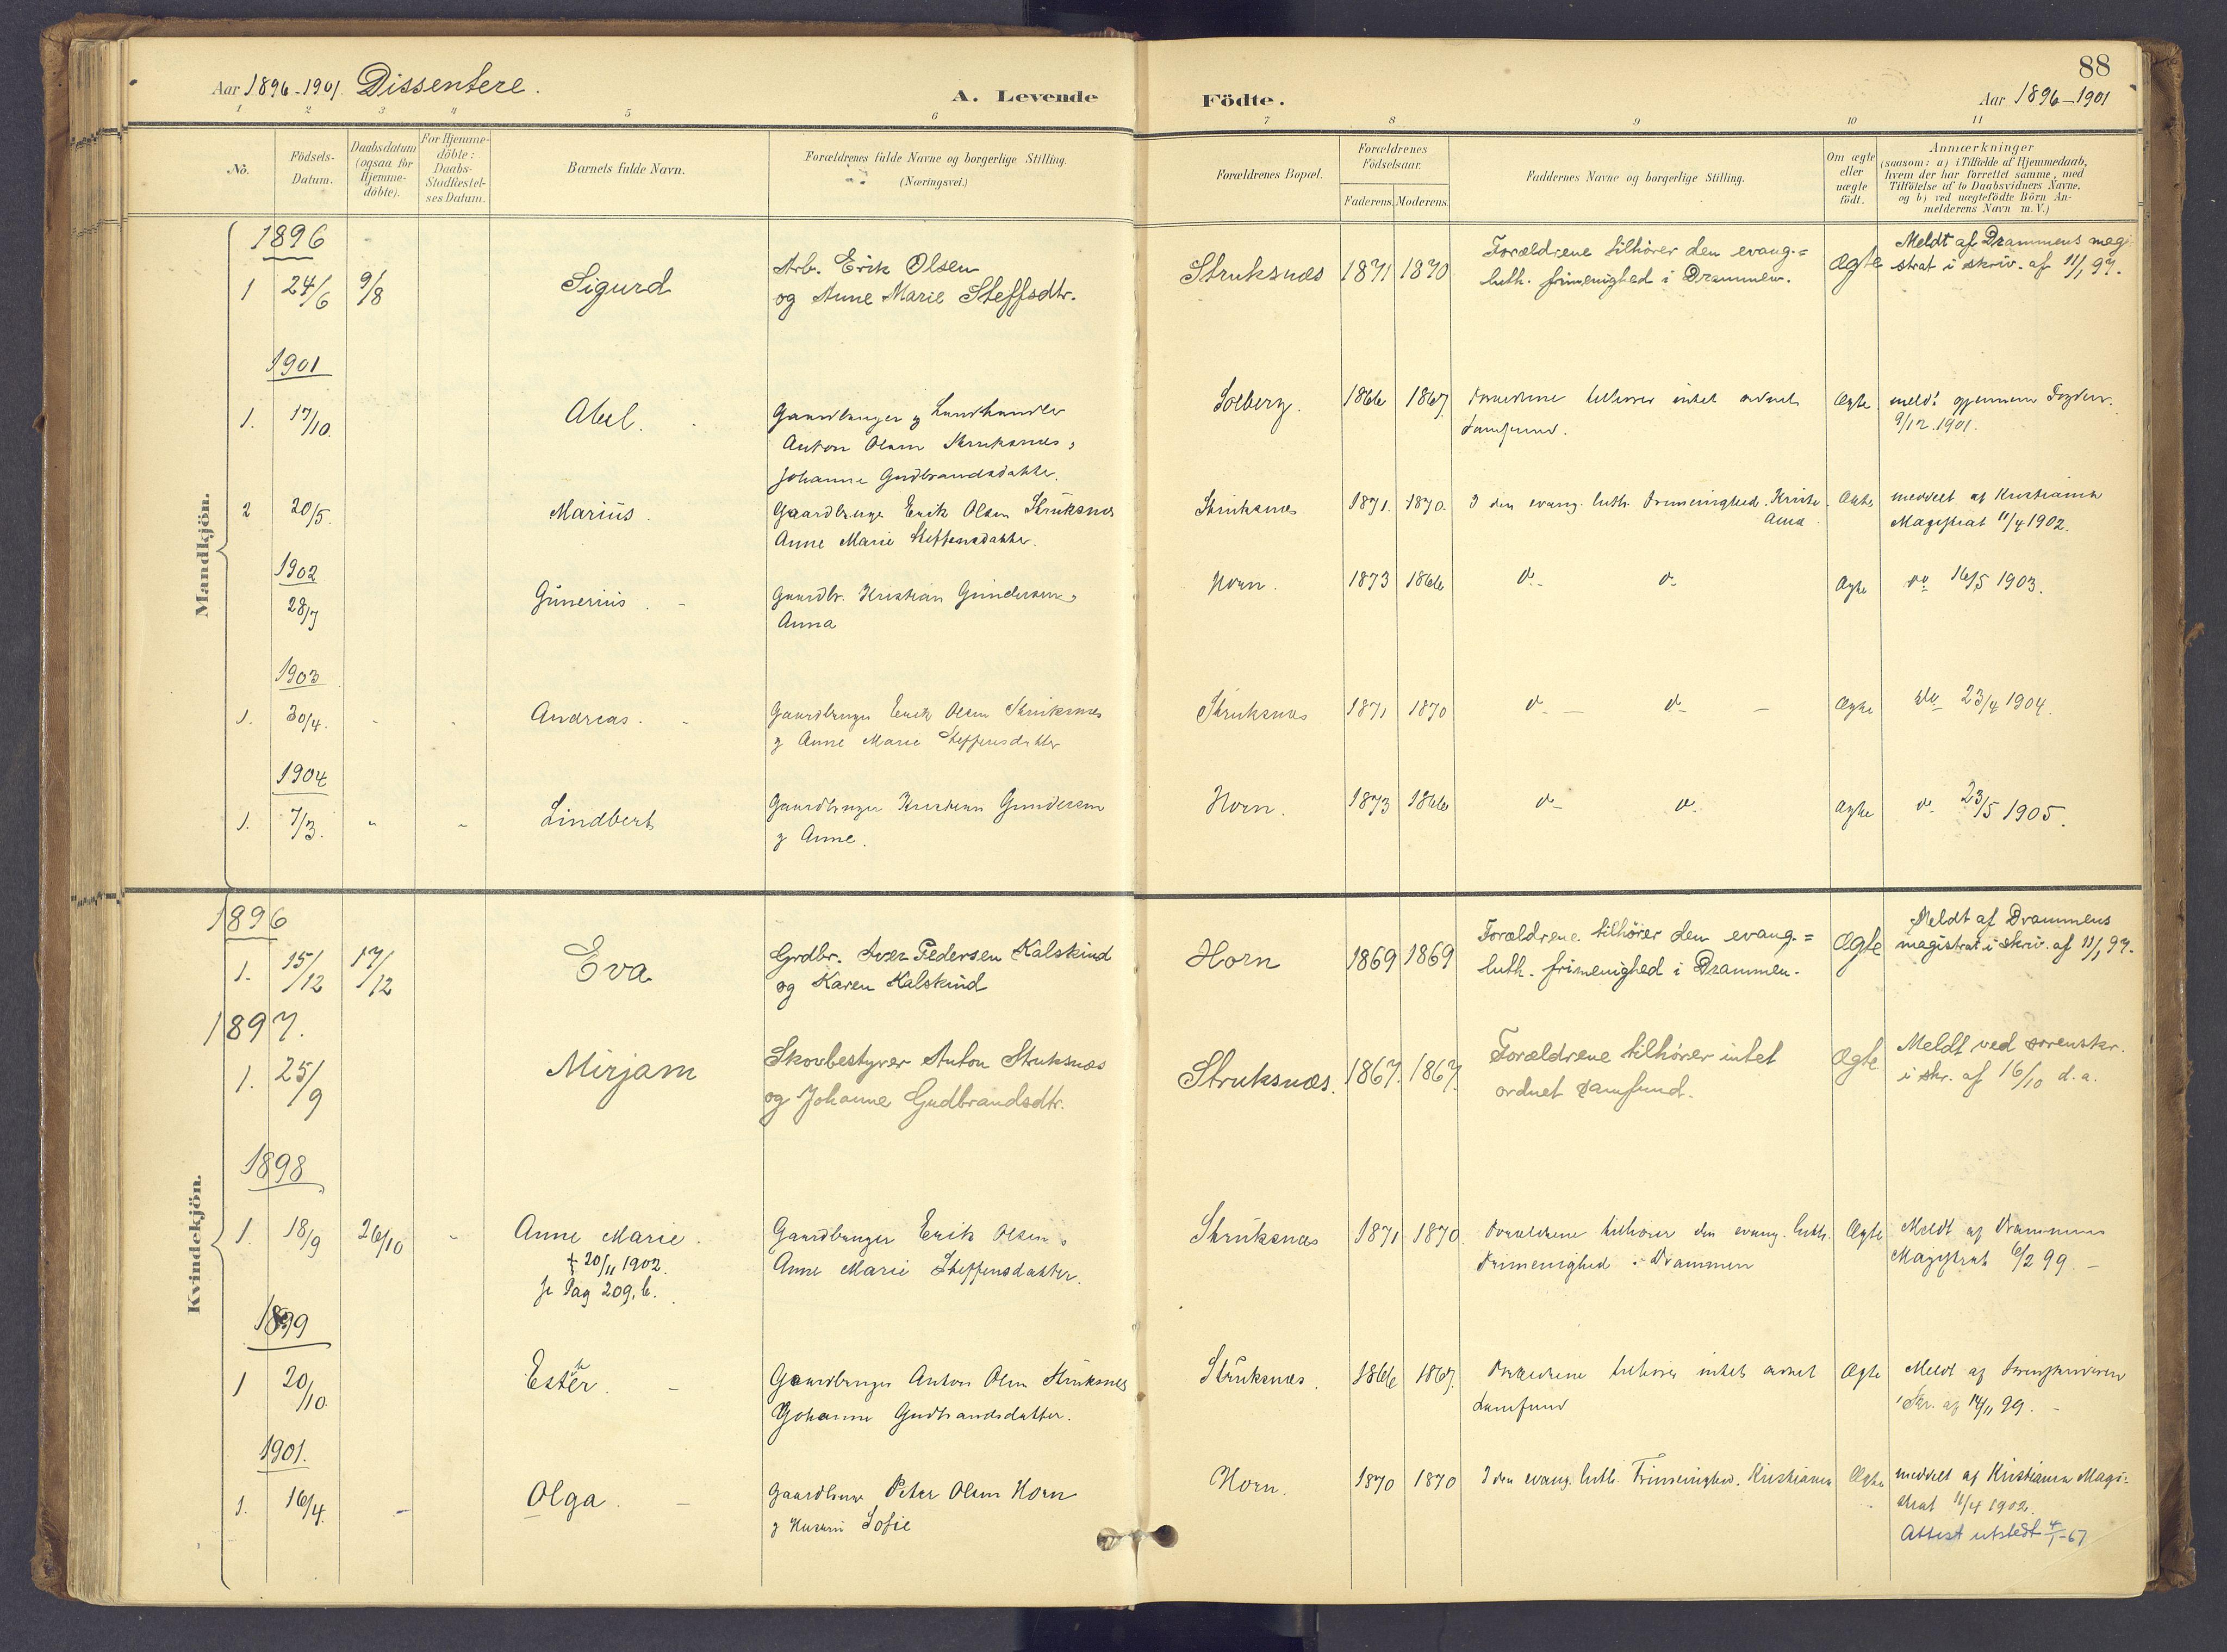 SAH, Søndre Land prestekontor, K/L0006: Ministerialbok nr. 6, 1895-1904, s. 88